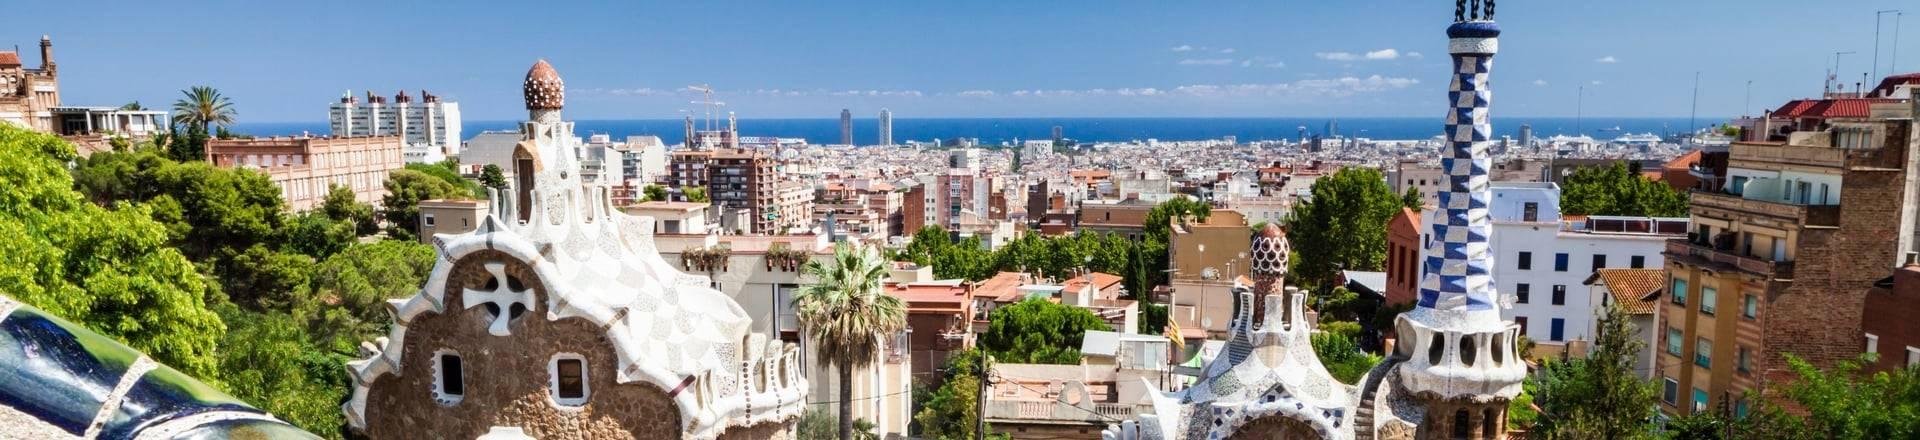 Hoteles En Barcelona Baratos Desde 232 Destinia